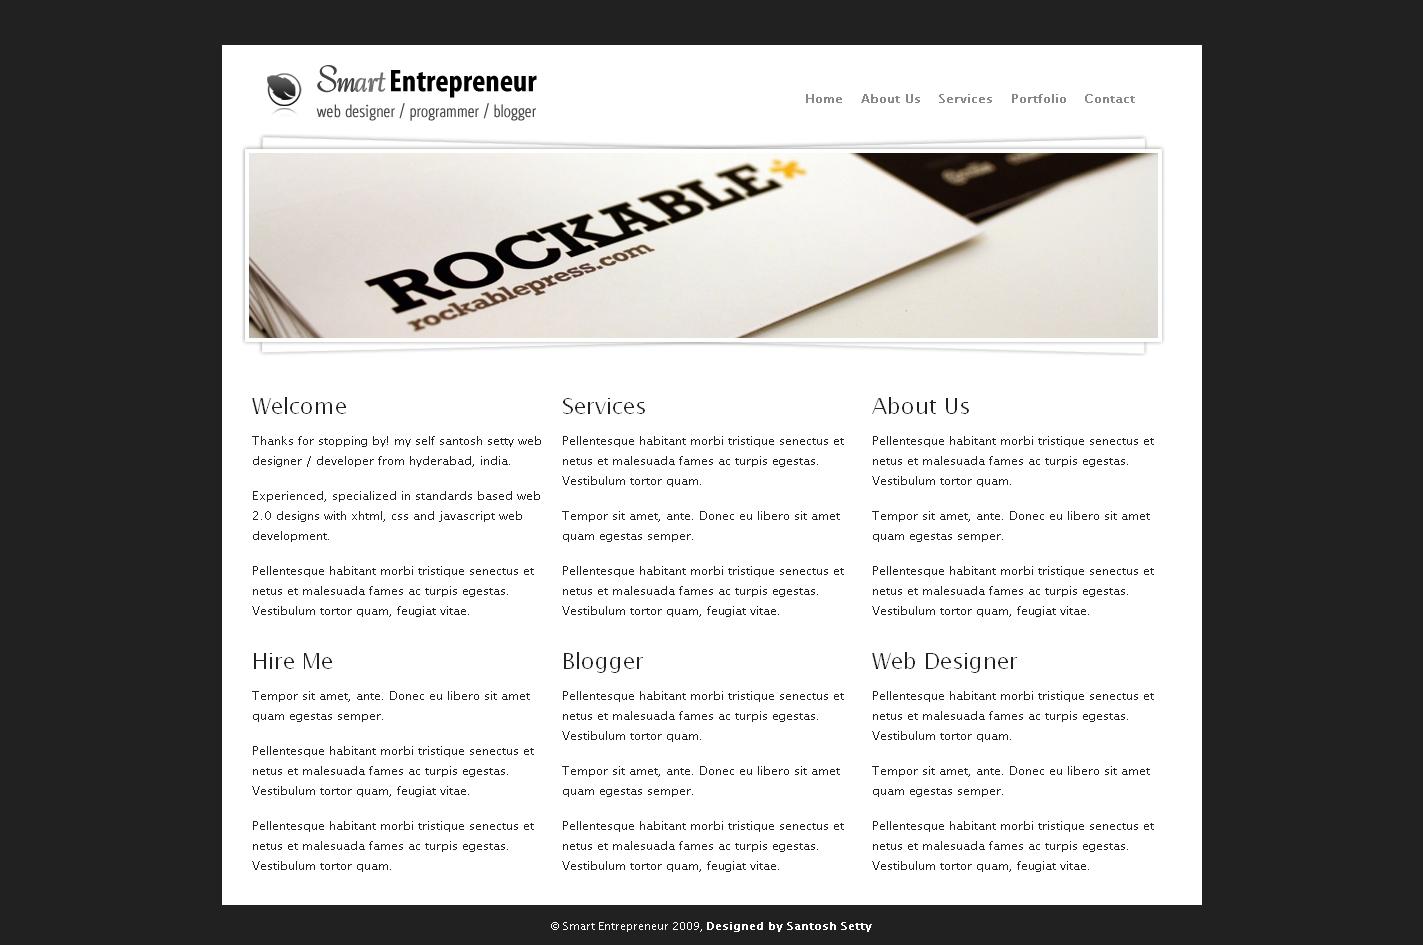 Free Download Smart Entrepreneur Drupal 6 Template Nulled Latest Version